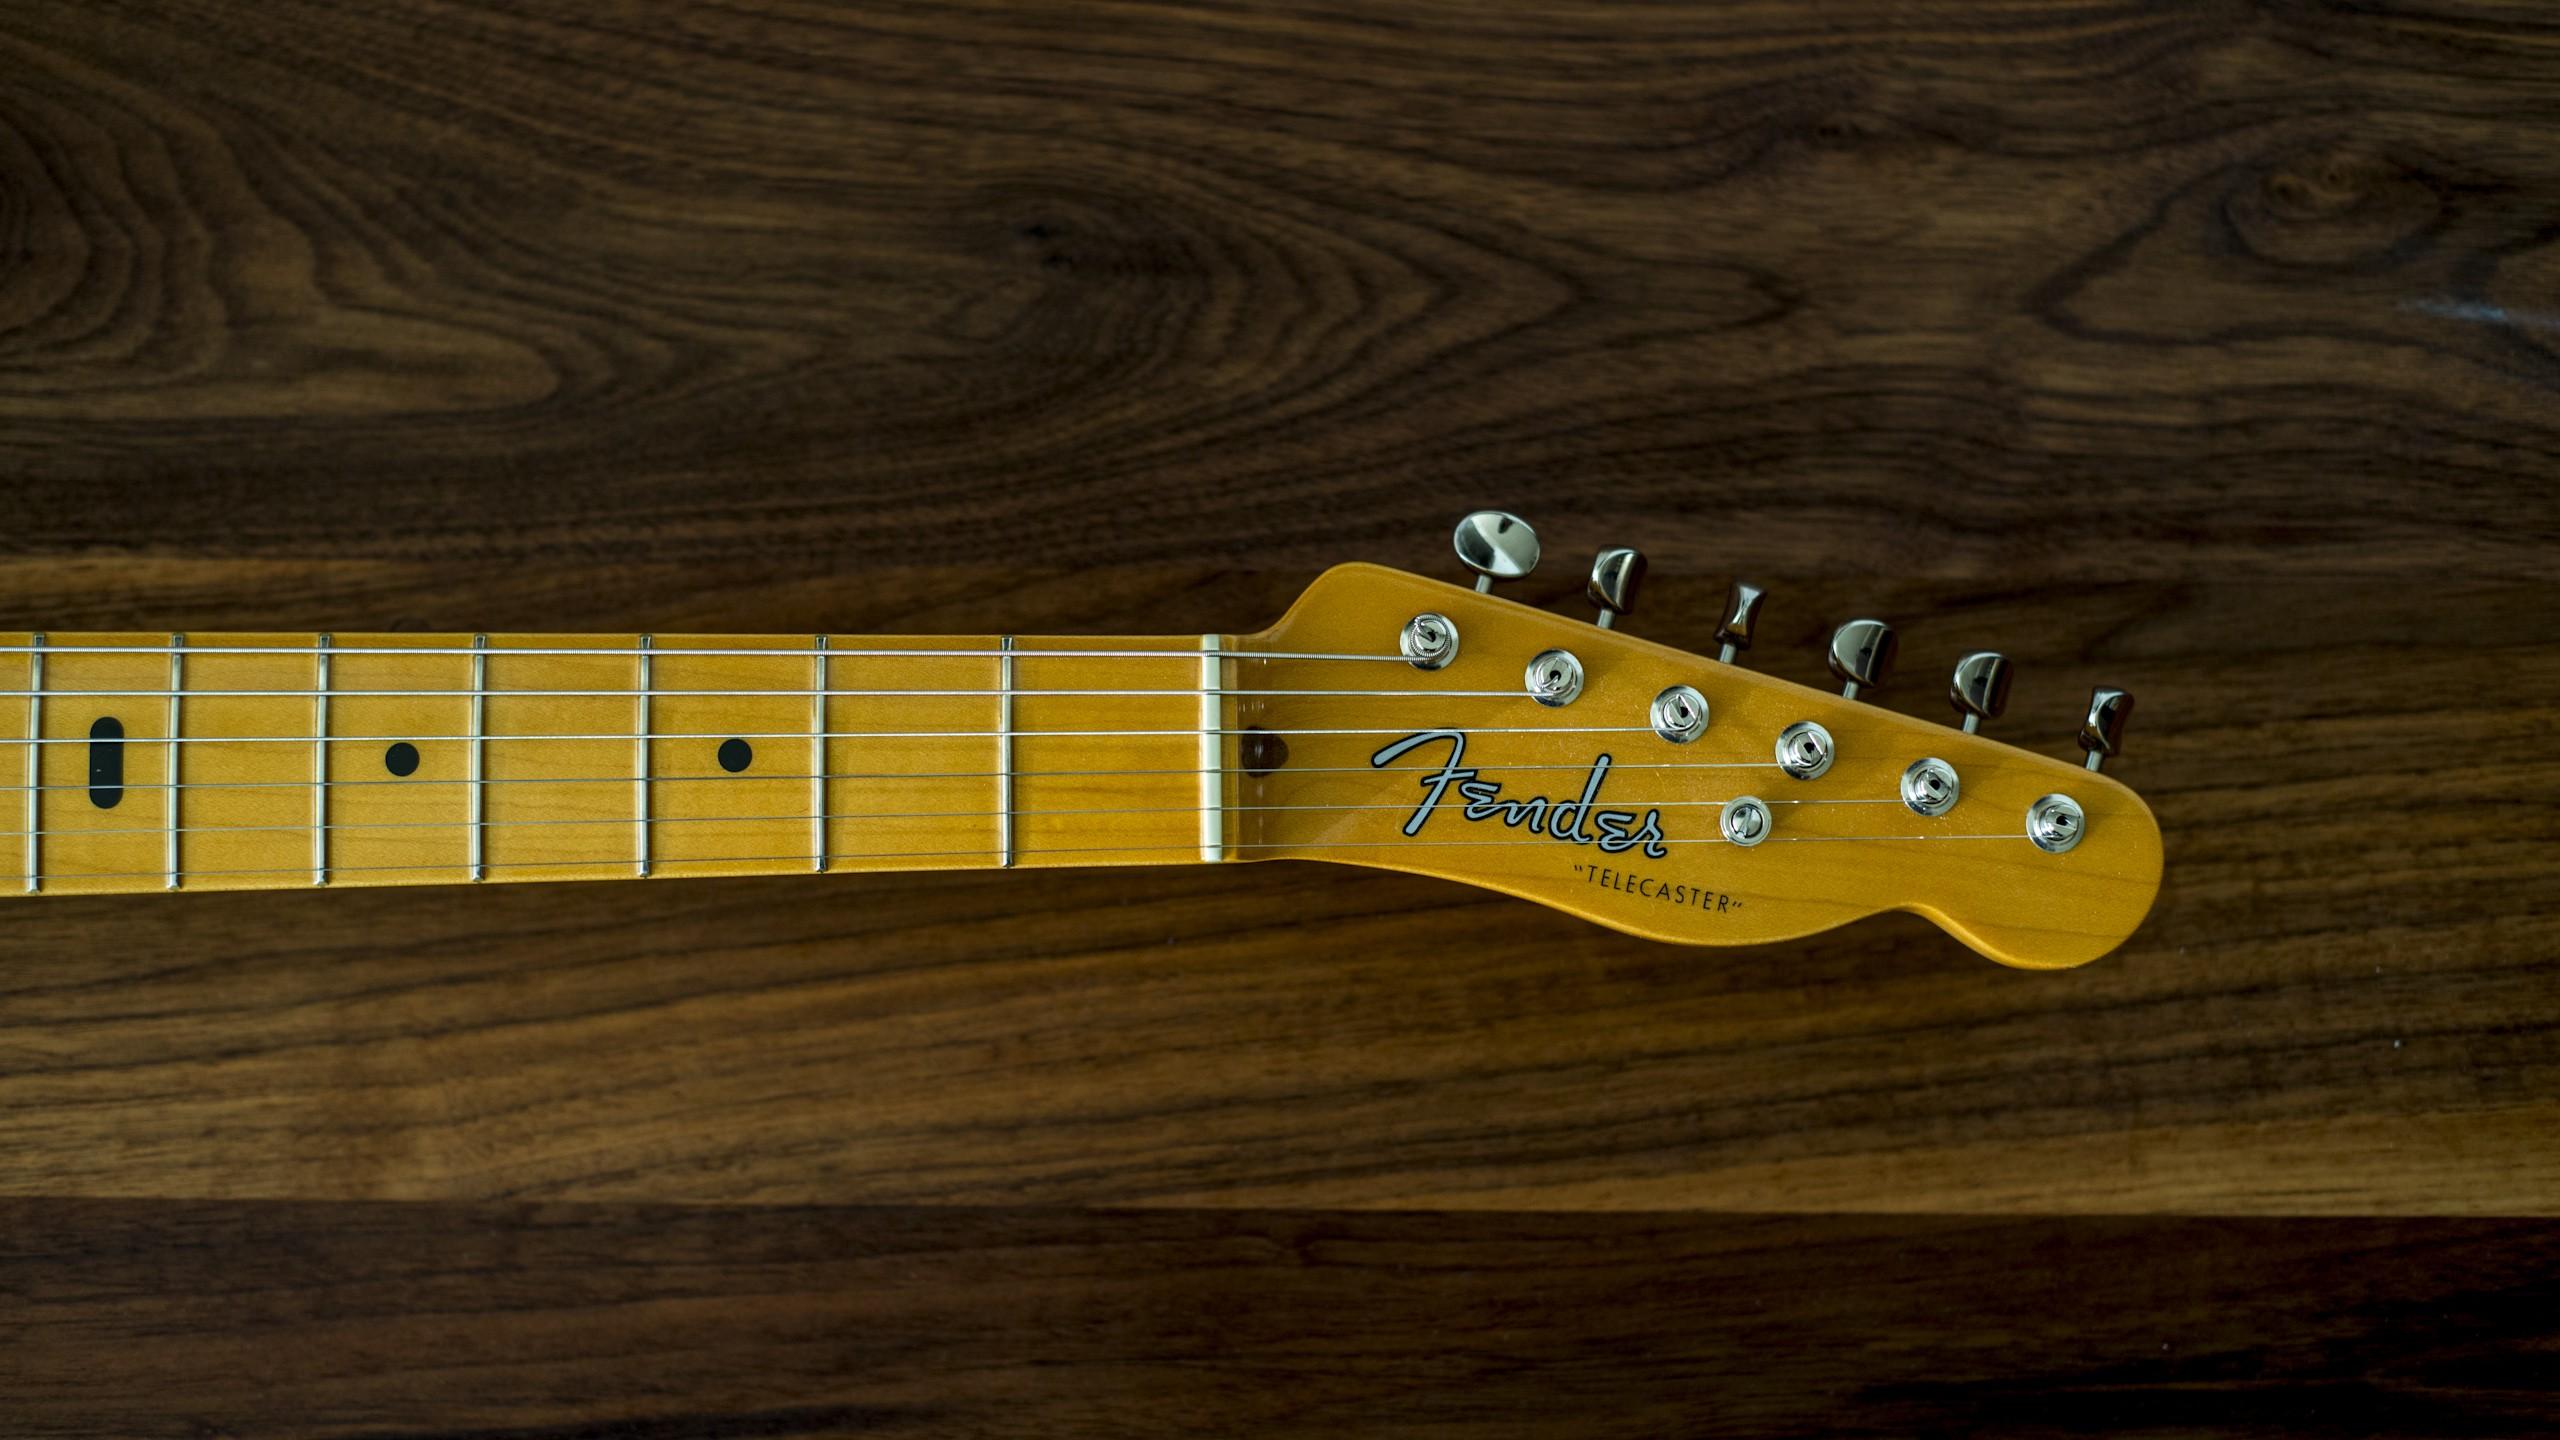 Mastin de una Fender - 2560x1440